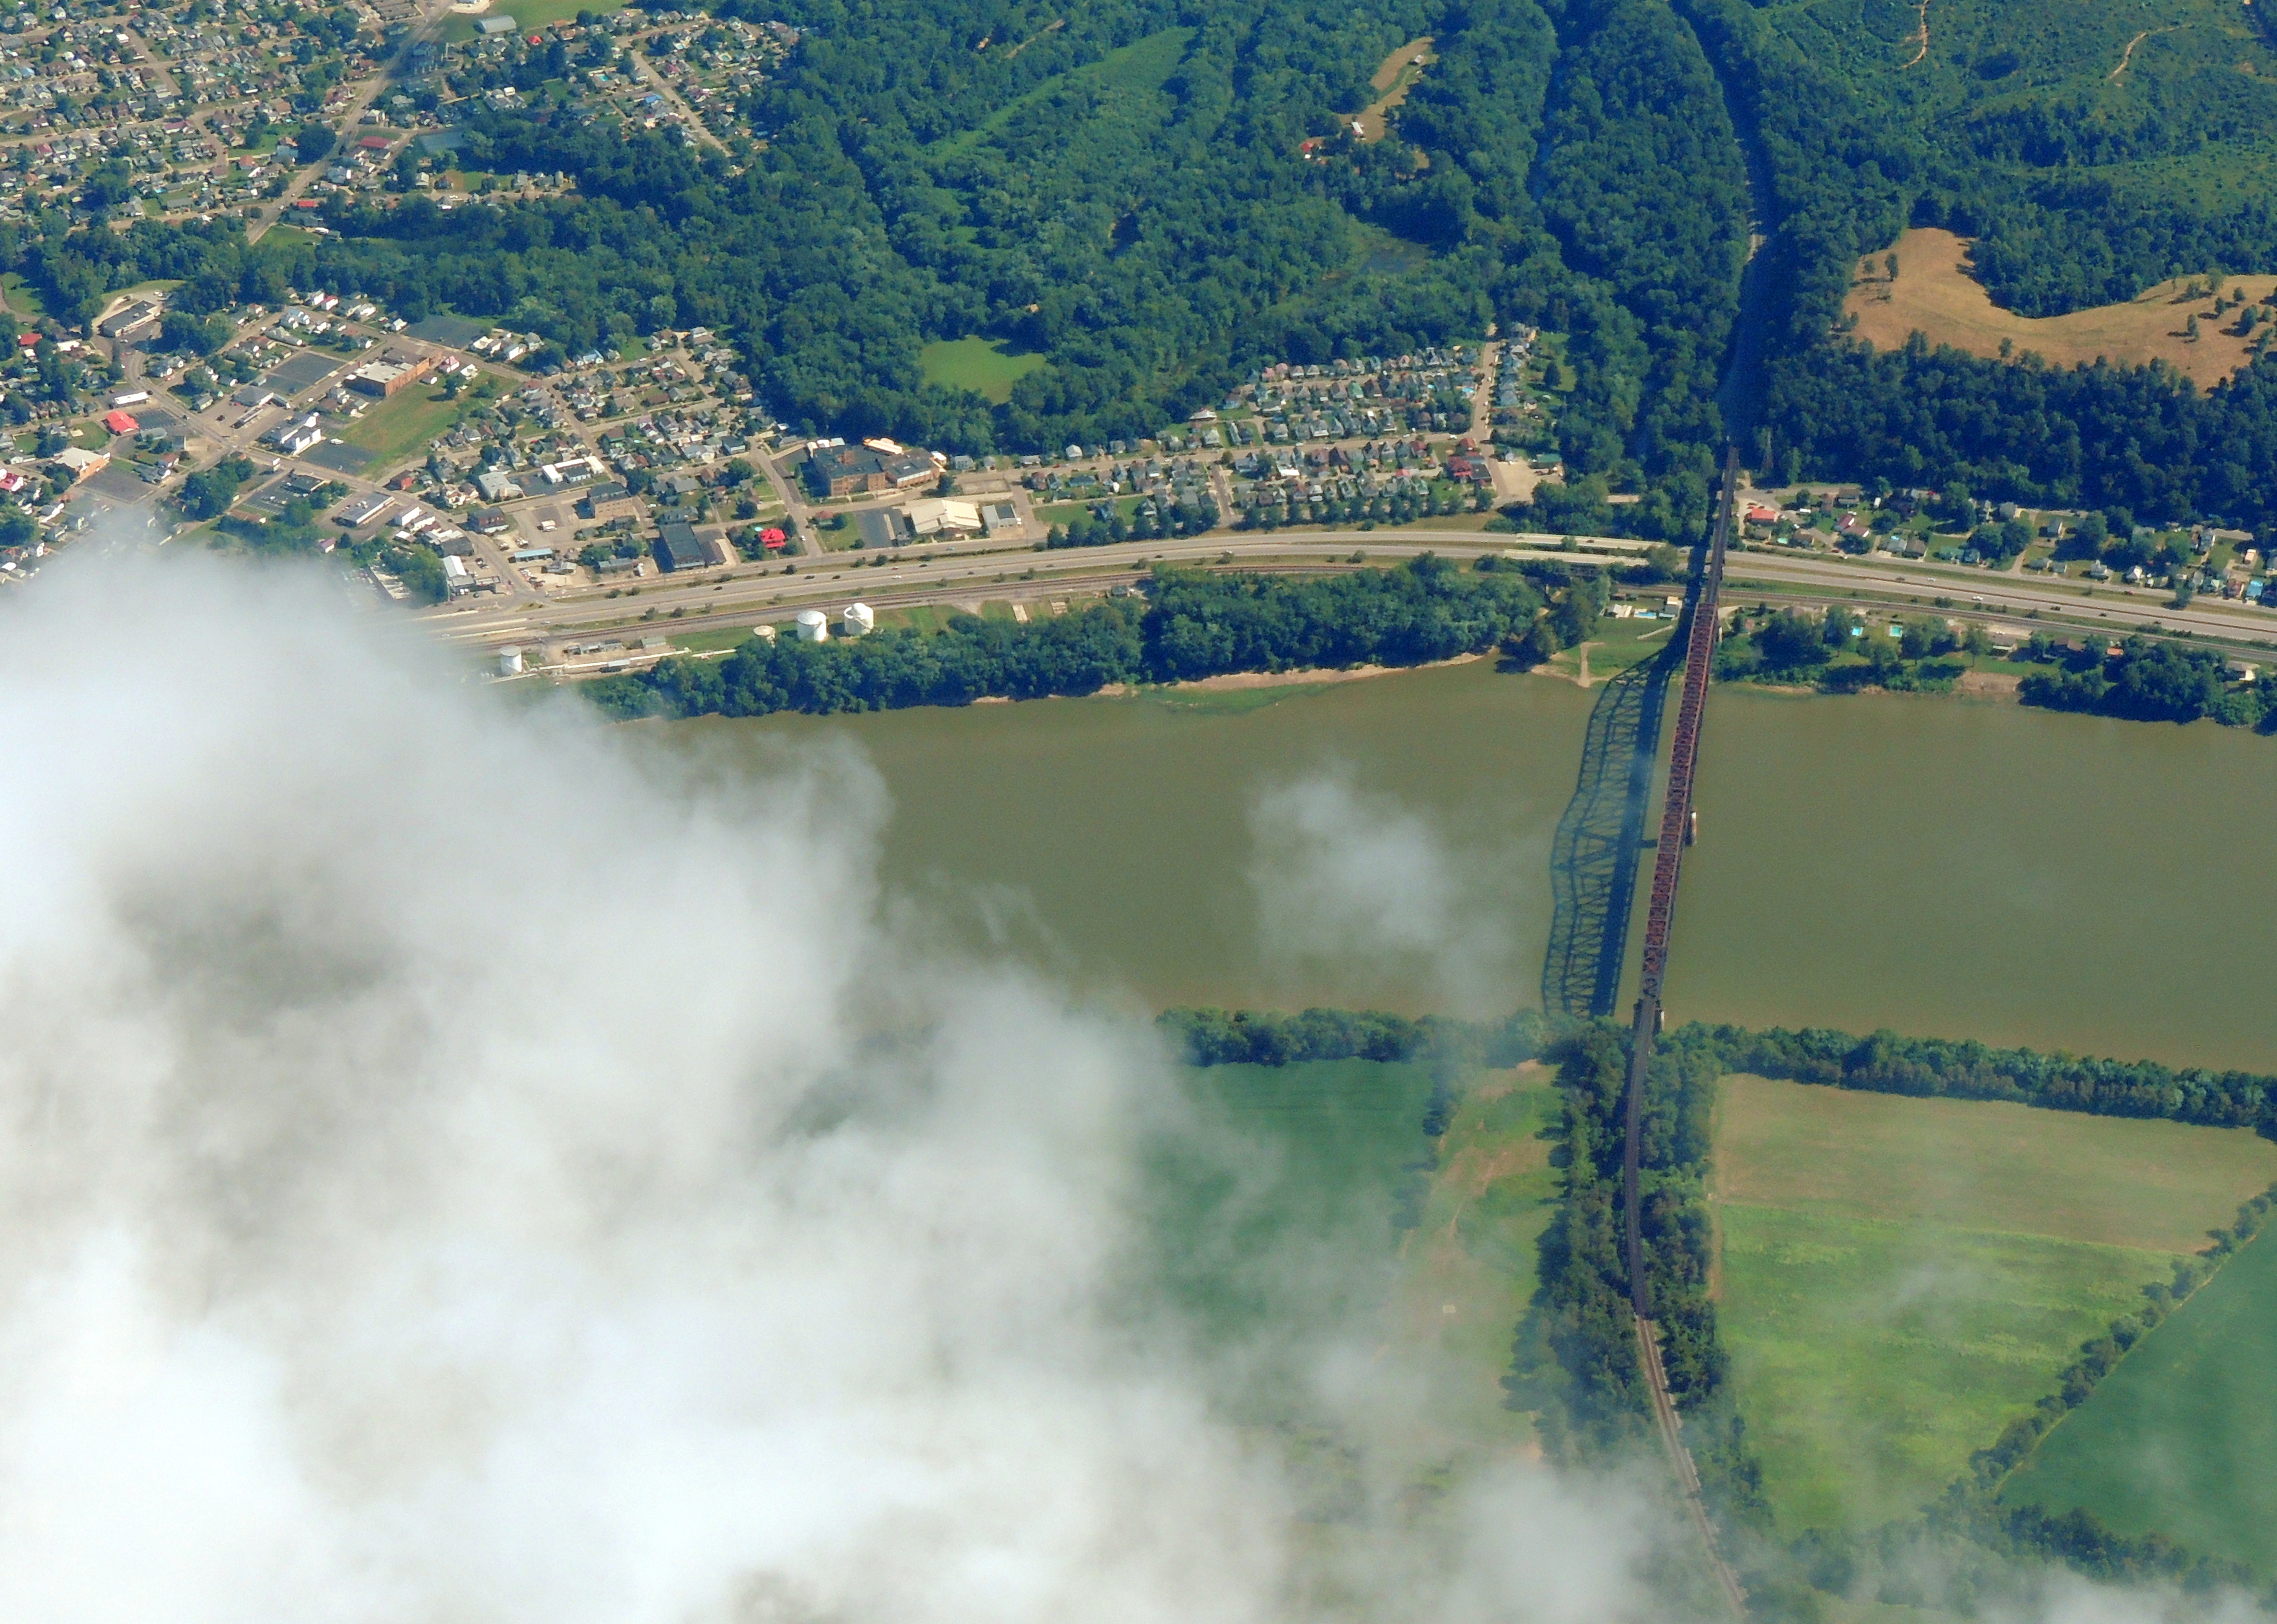 Bridge over the Ohio River